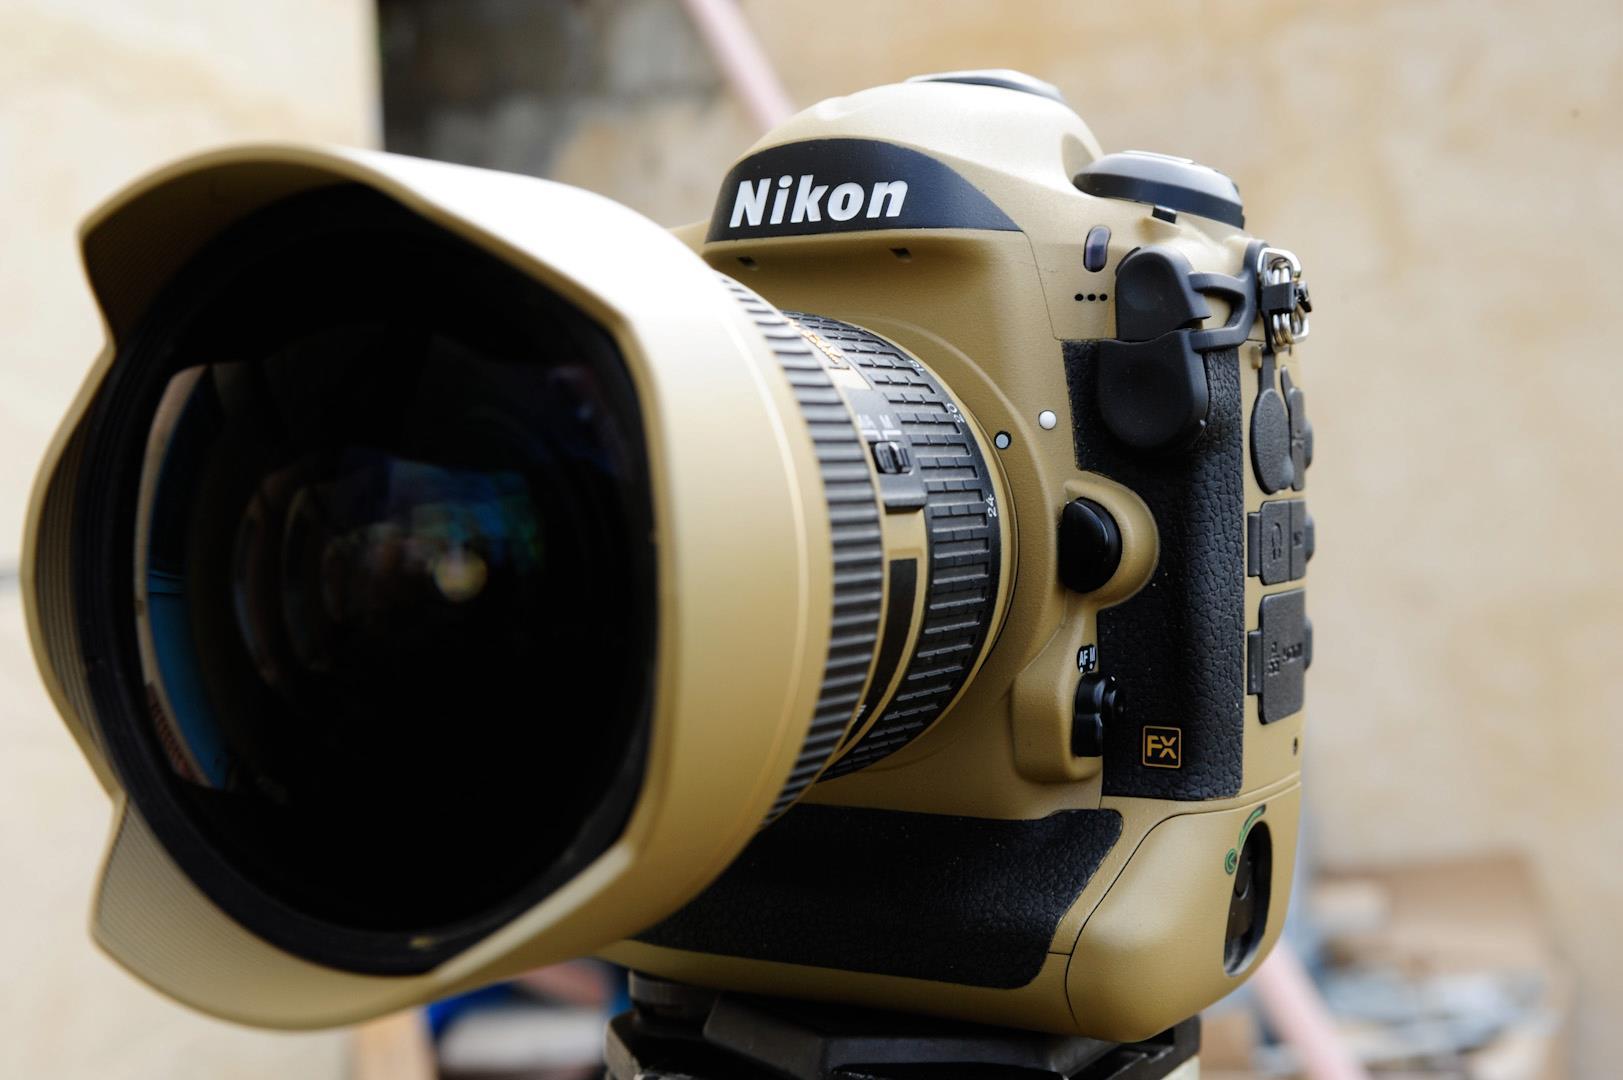 чем закрасить фотоаппарат жители рубинштейна буквально